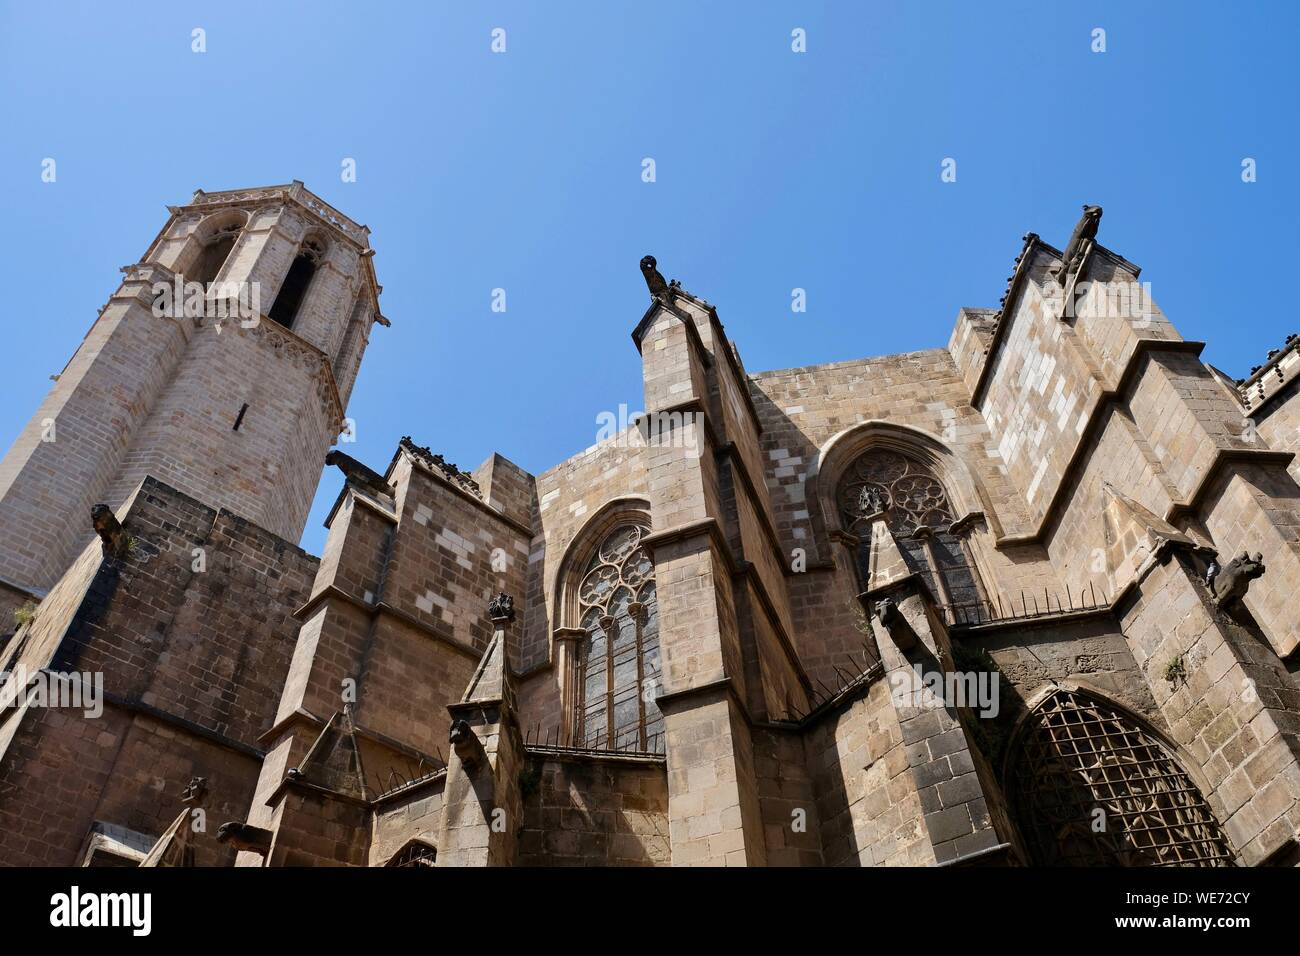 España, Cataluña, Barcelona, el Barrio Gótico, la Catedral, Barrio de Santa Cruz y Santa Eulalia Foto de stock